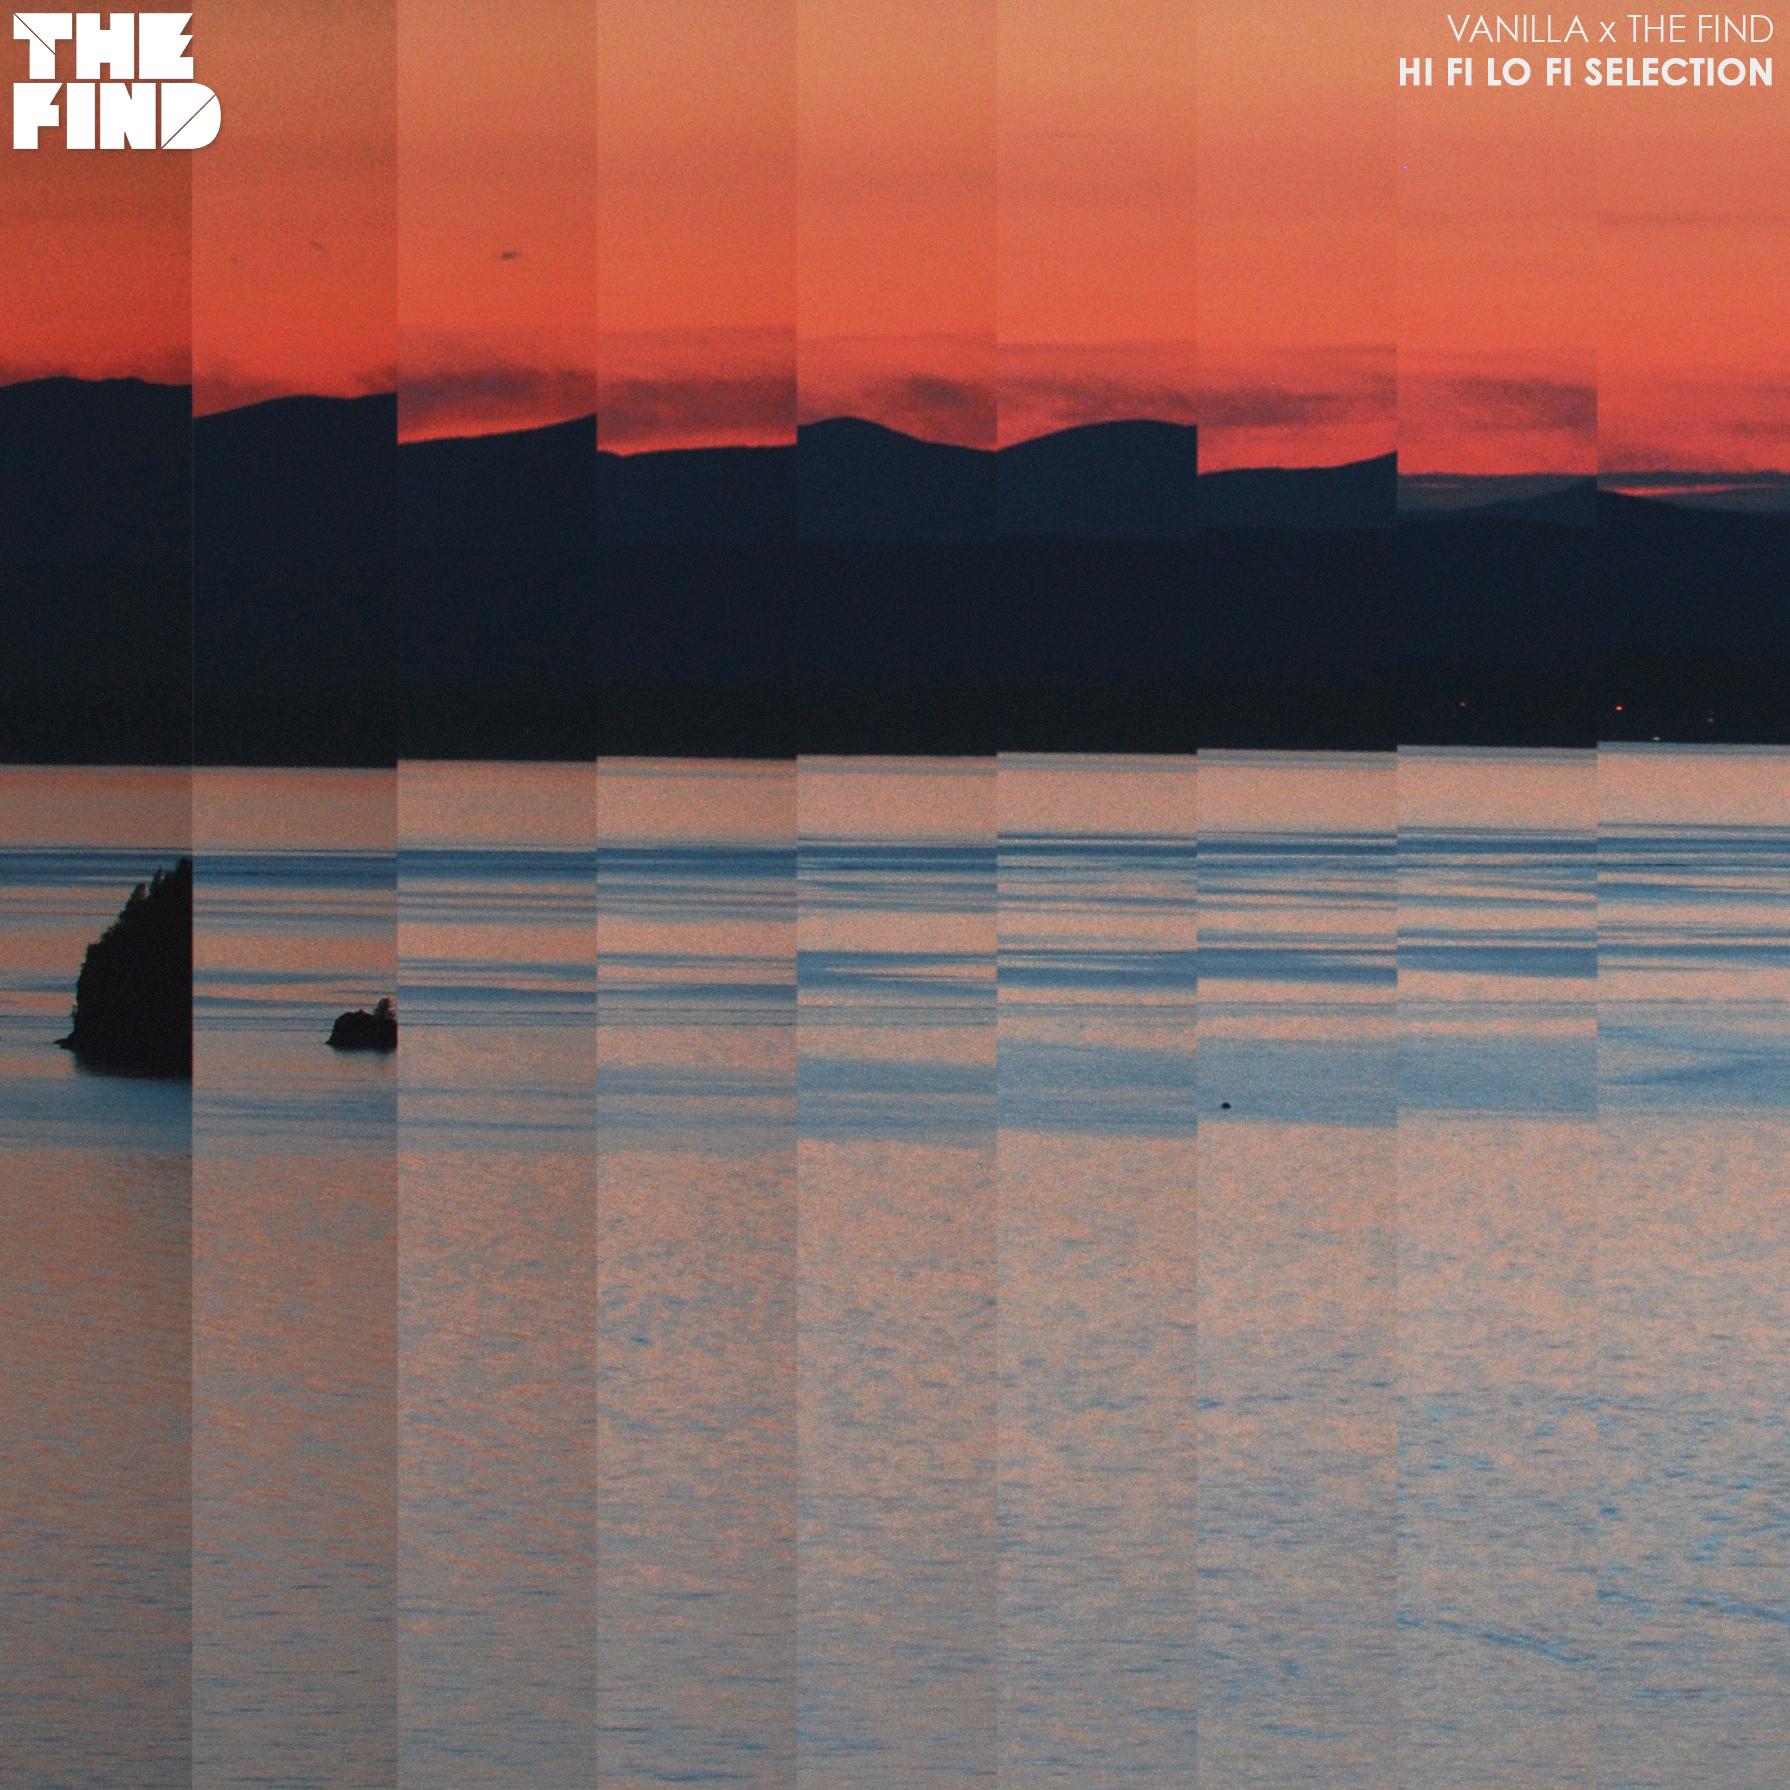 Guest Mix: Vanilla – Hi Fi Lo Fi Selection (2011)